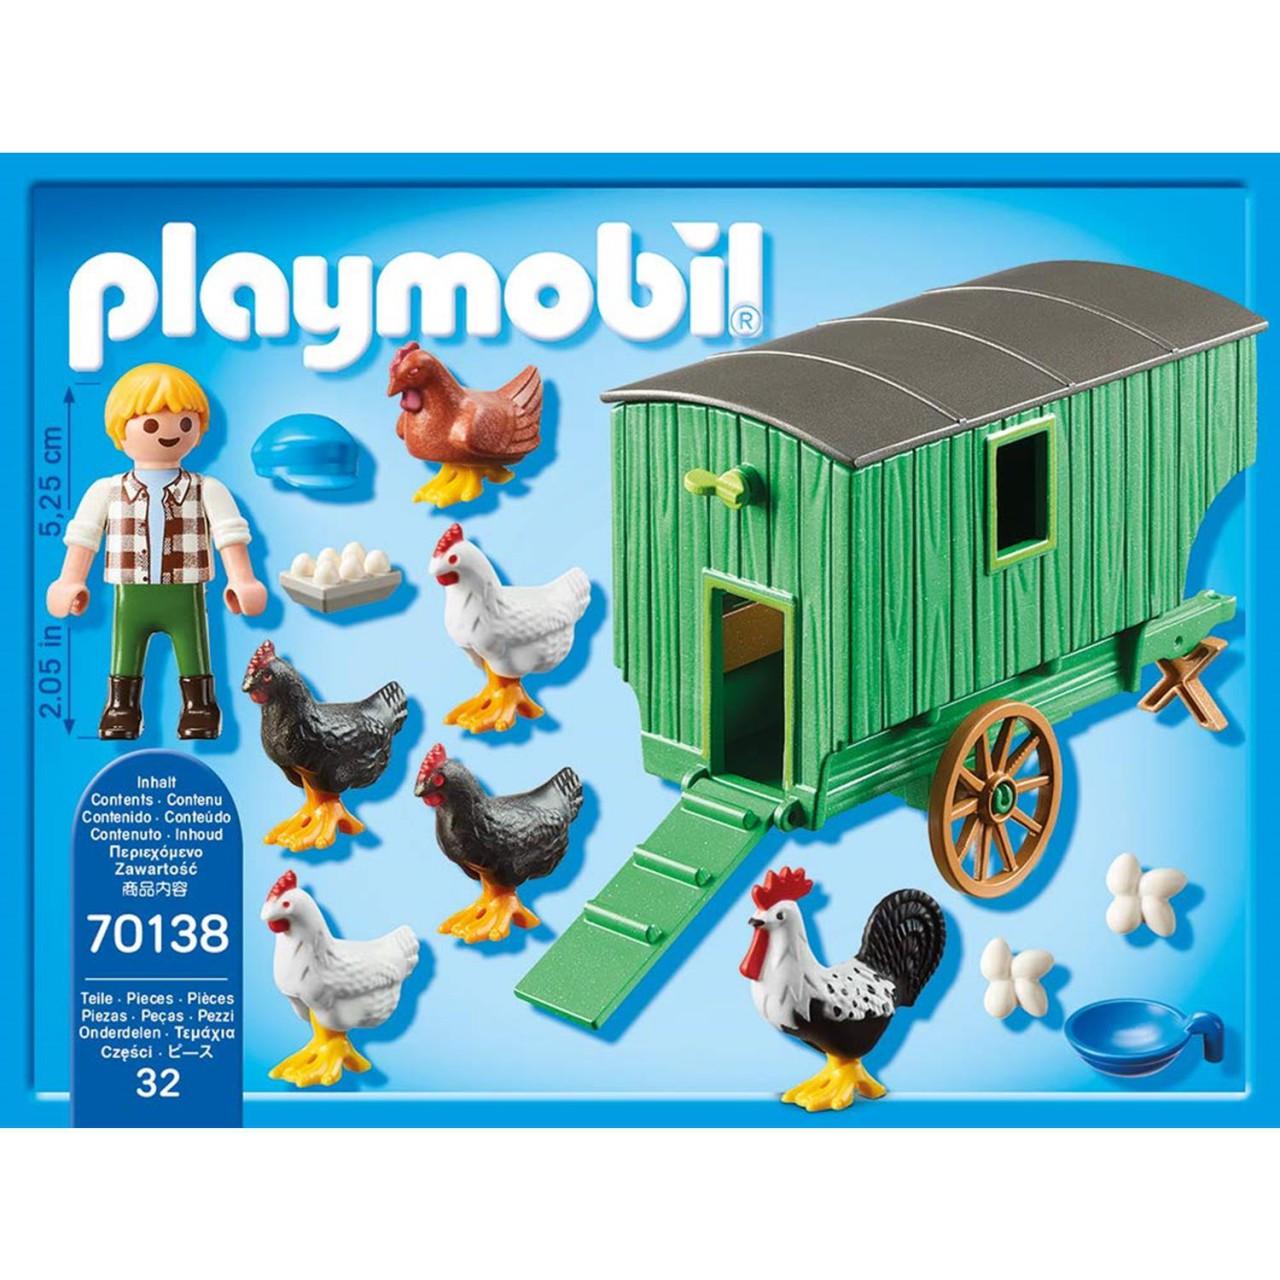 Playmobil 70138 Mobiles Hühnerhaus